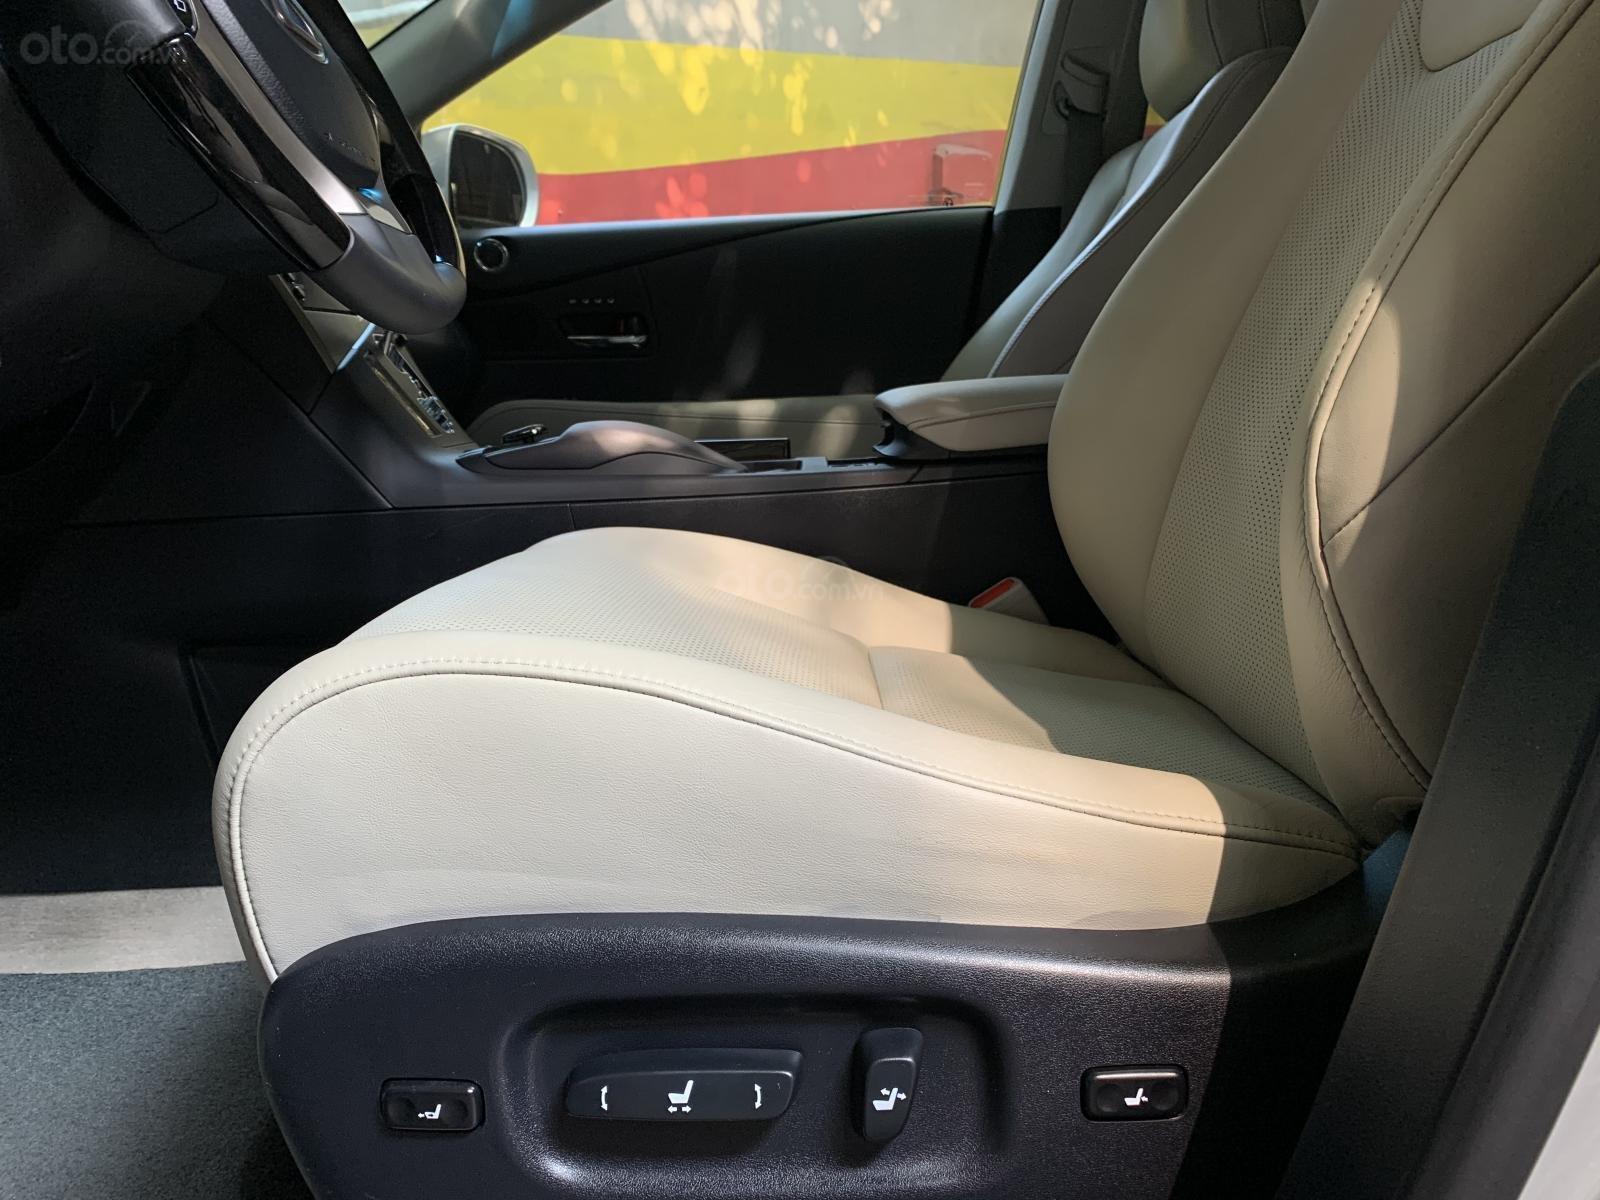 Bán Lexus RX350 model 2015, 1 chủ sử dụng từ đầu, odo 1 vạn 7, xe siêu chất, có hóa đơn (4)